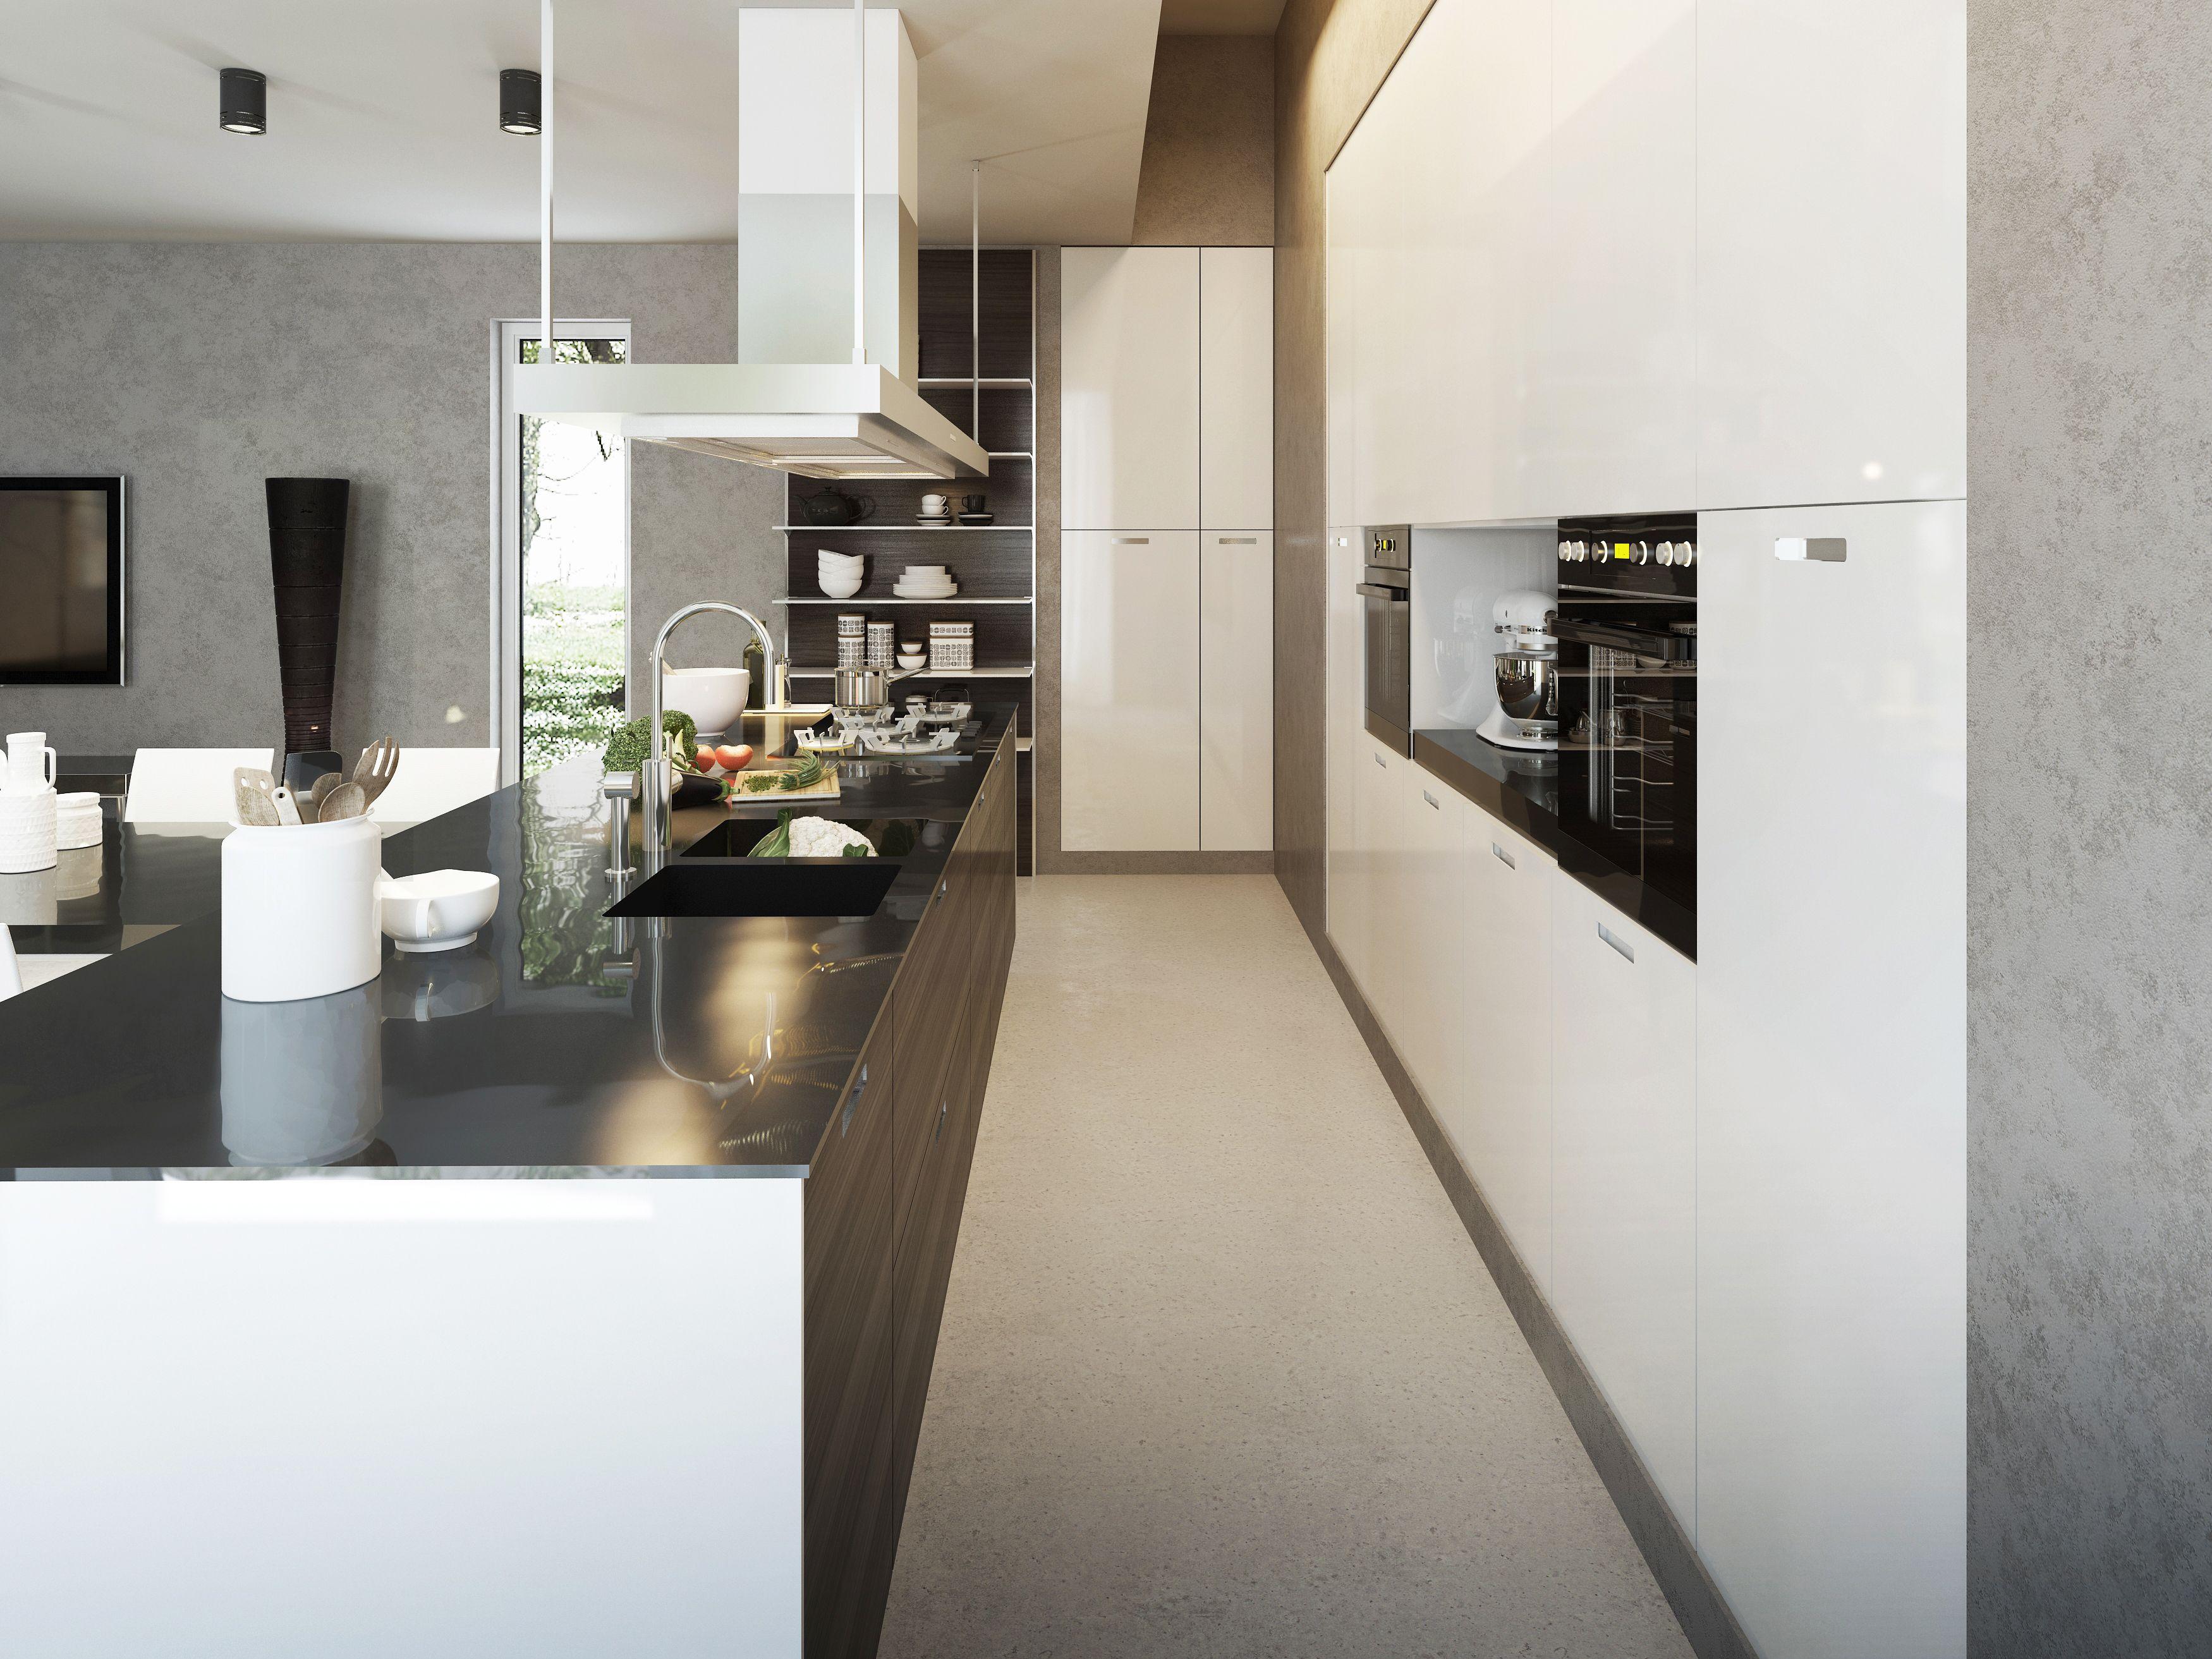 Nowoczesna Minimalistyczna Aranzacja Drewnianej Bialo Brazowej Kuchni Z Czarnymi Blatami Nad Wyspa Kuchenna Okap Wraz Z Oswietleniem Kitchen Home Decor Home